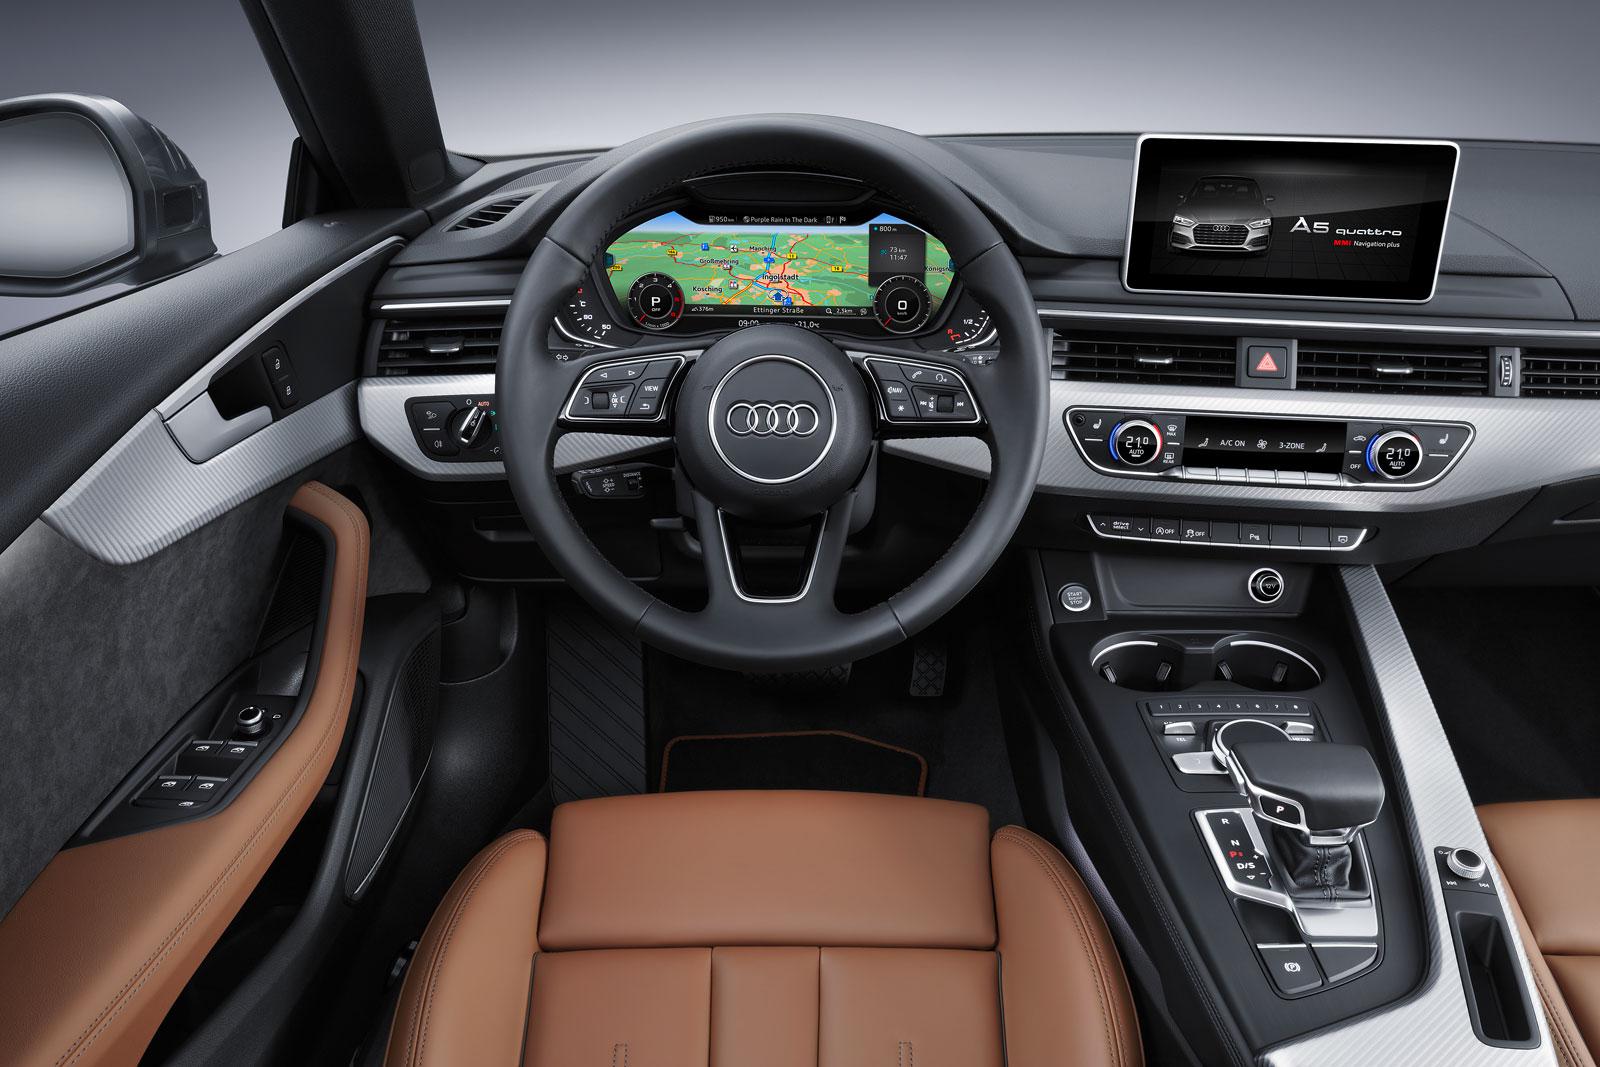 Kelebihan Audi A5 Sportback 2016 Top Model Tahun Ini